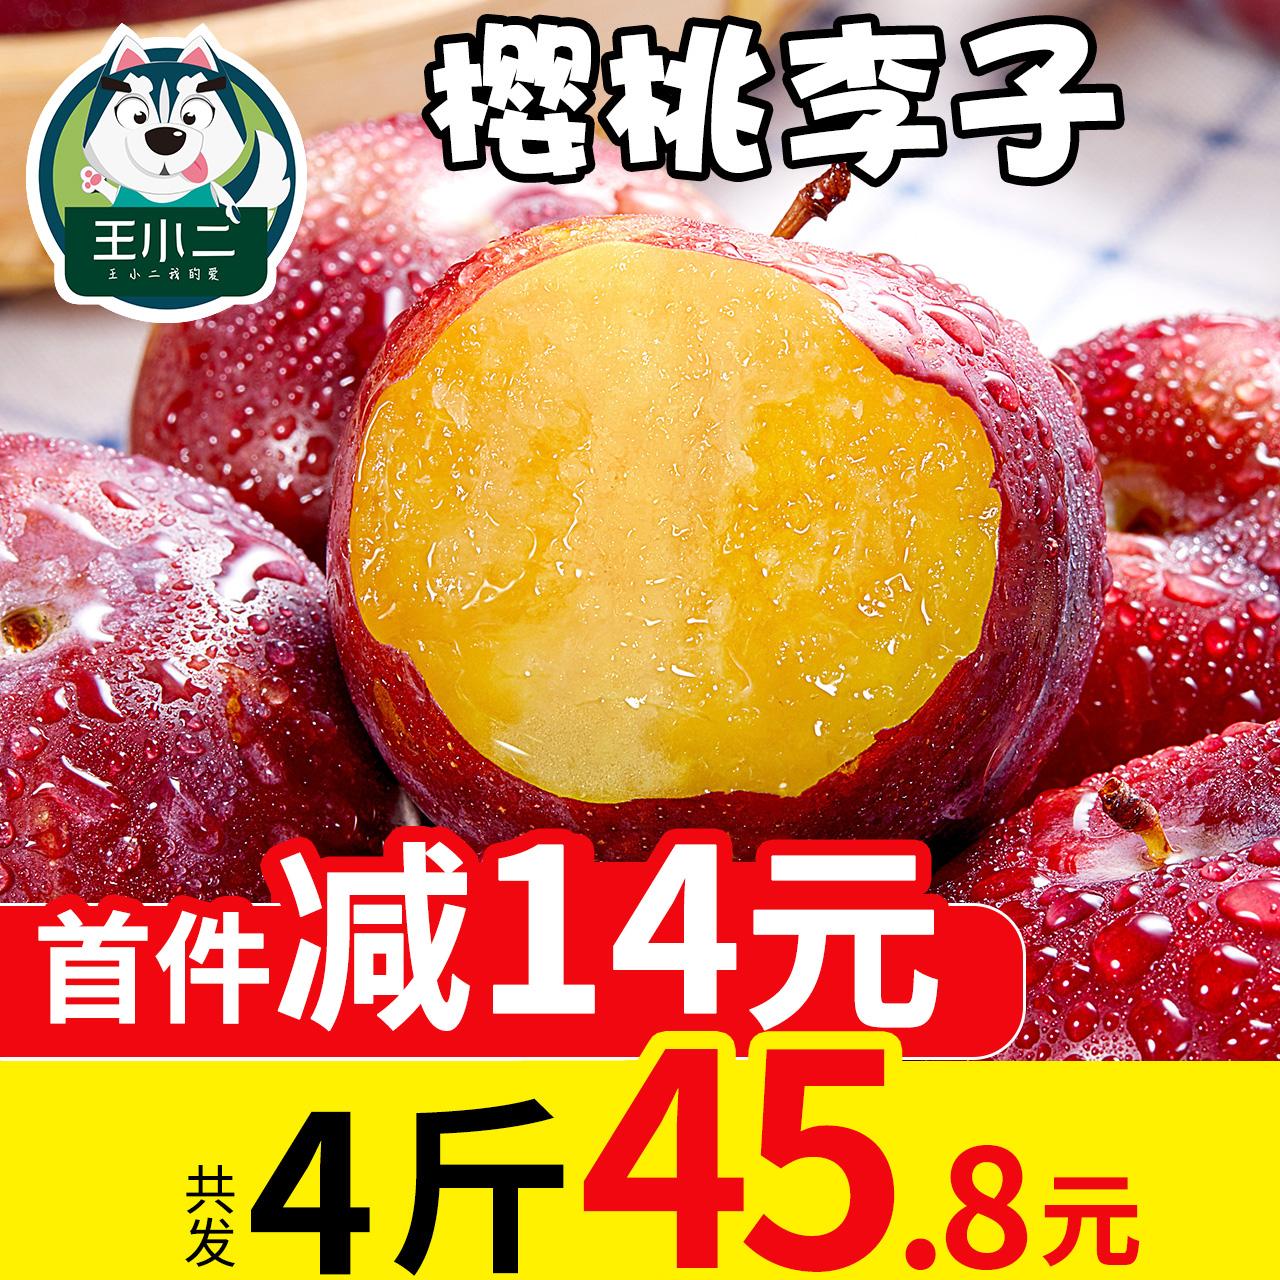 王小二 李子新鲜水果包邮当季红皮脆李子4斤孕妇应季10特产批发5